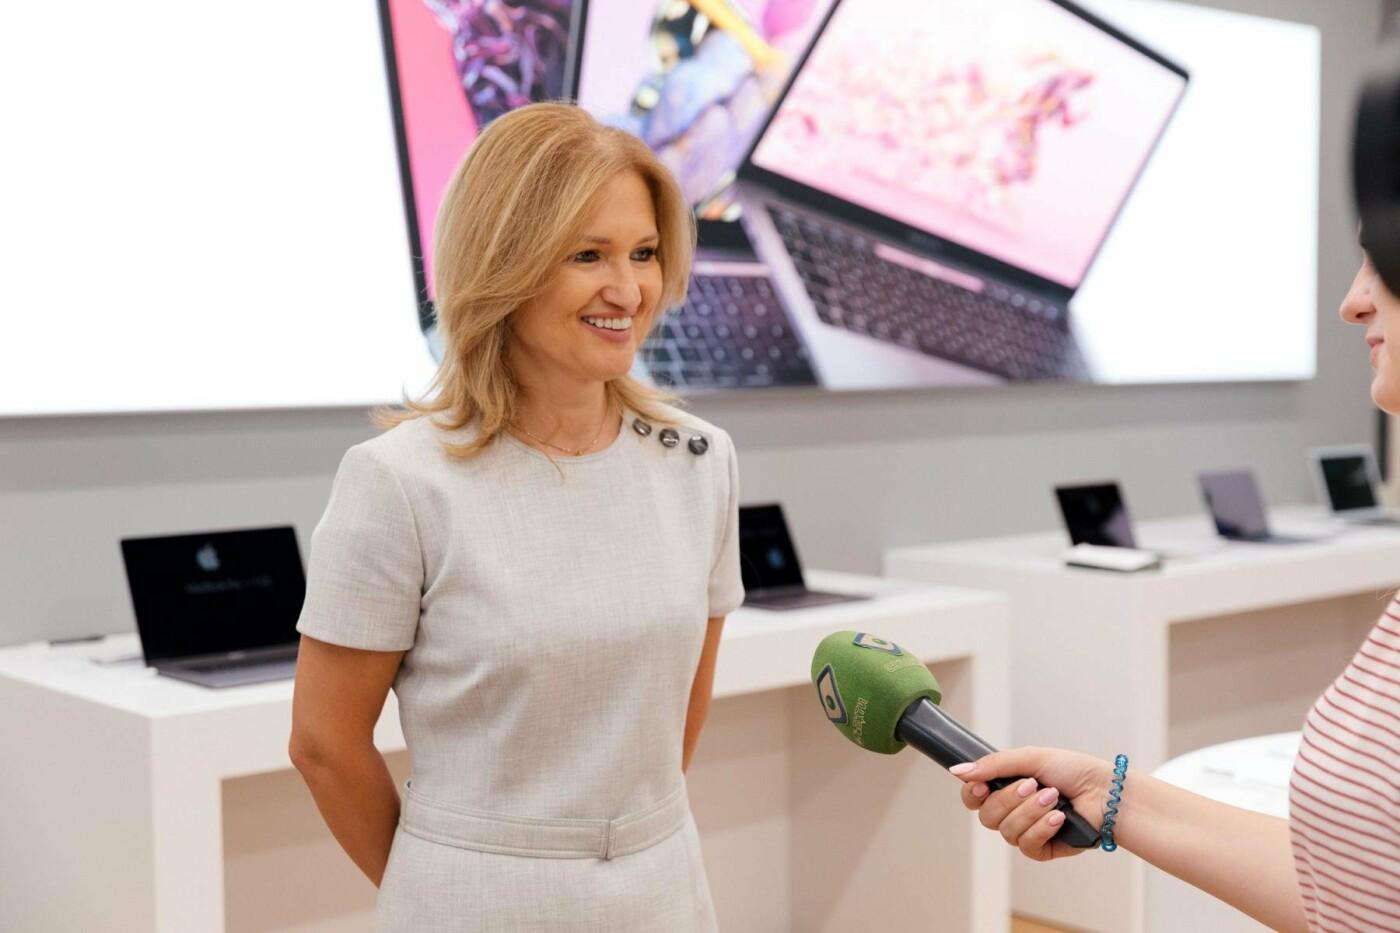 В Харькове открылся магазин iON Apple  Premium Reseller с секцией экспертов, фото-3